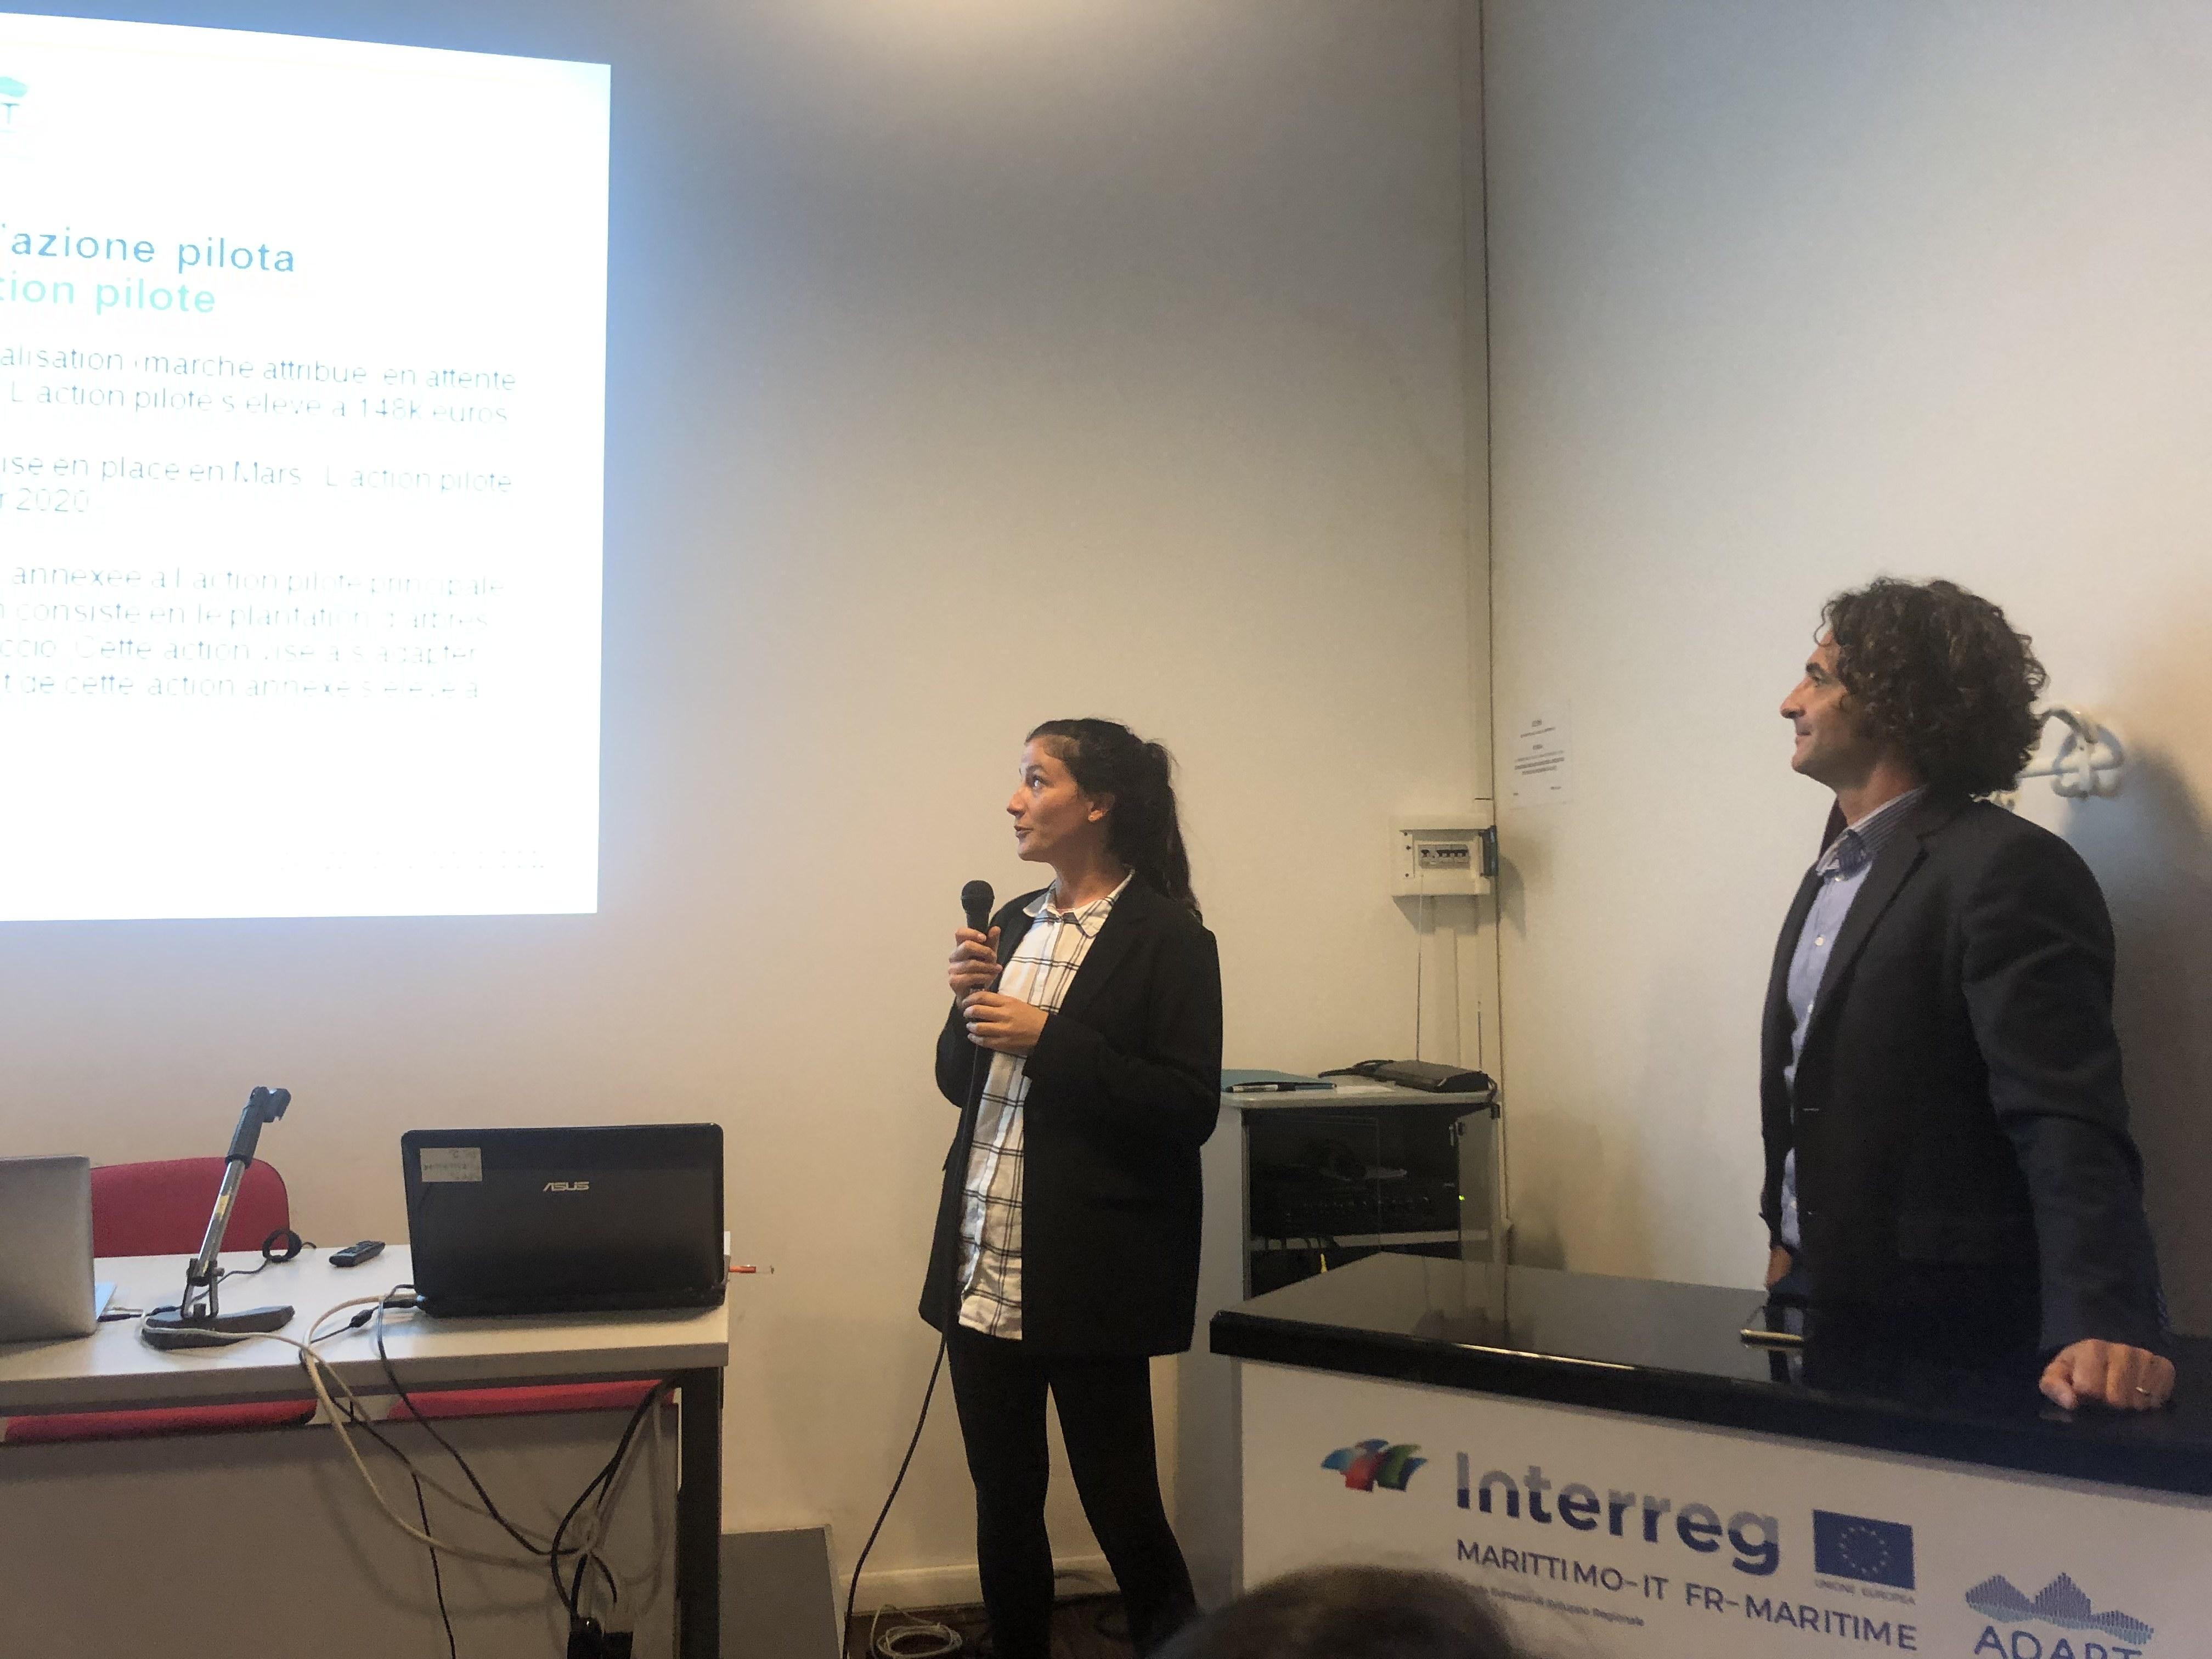 Julie Padovani de la DAEI présente l'action pilote de la Ville d'Ajaccio